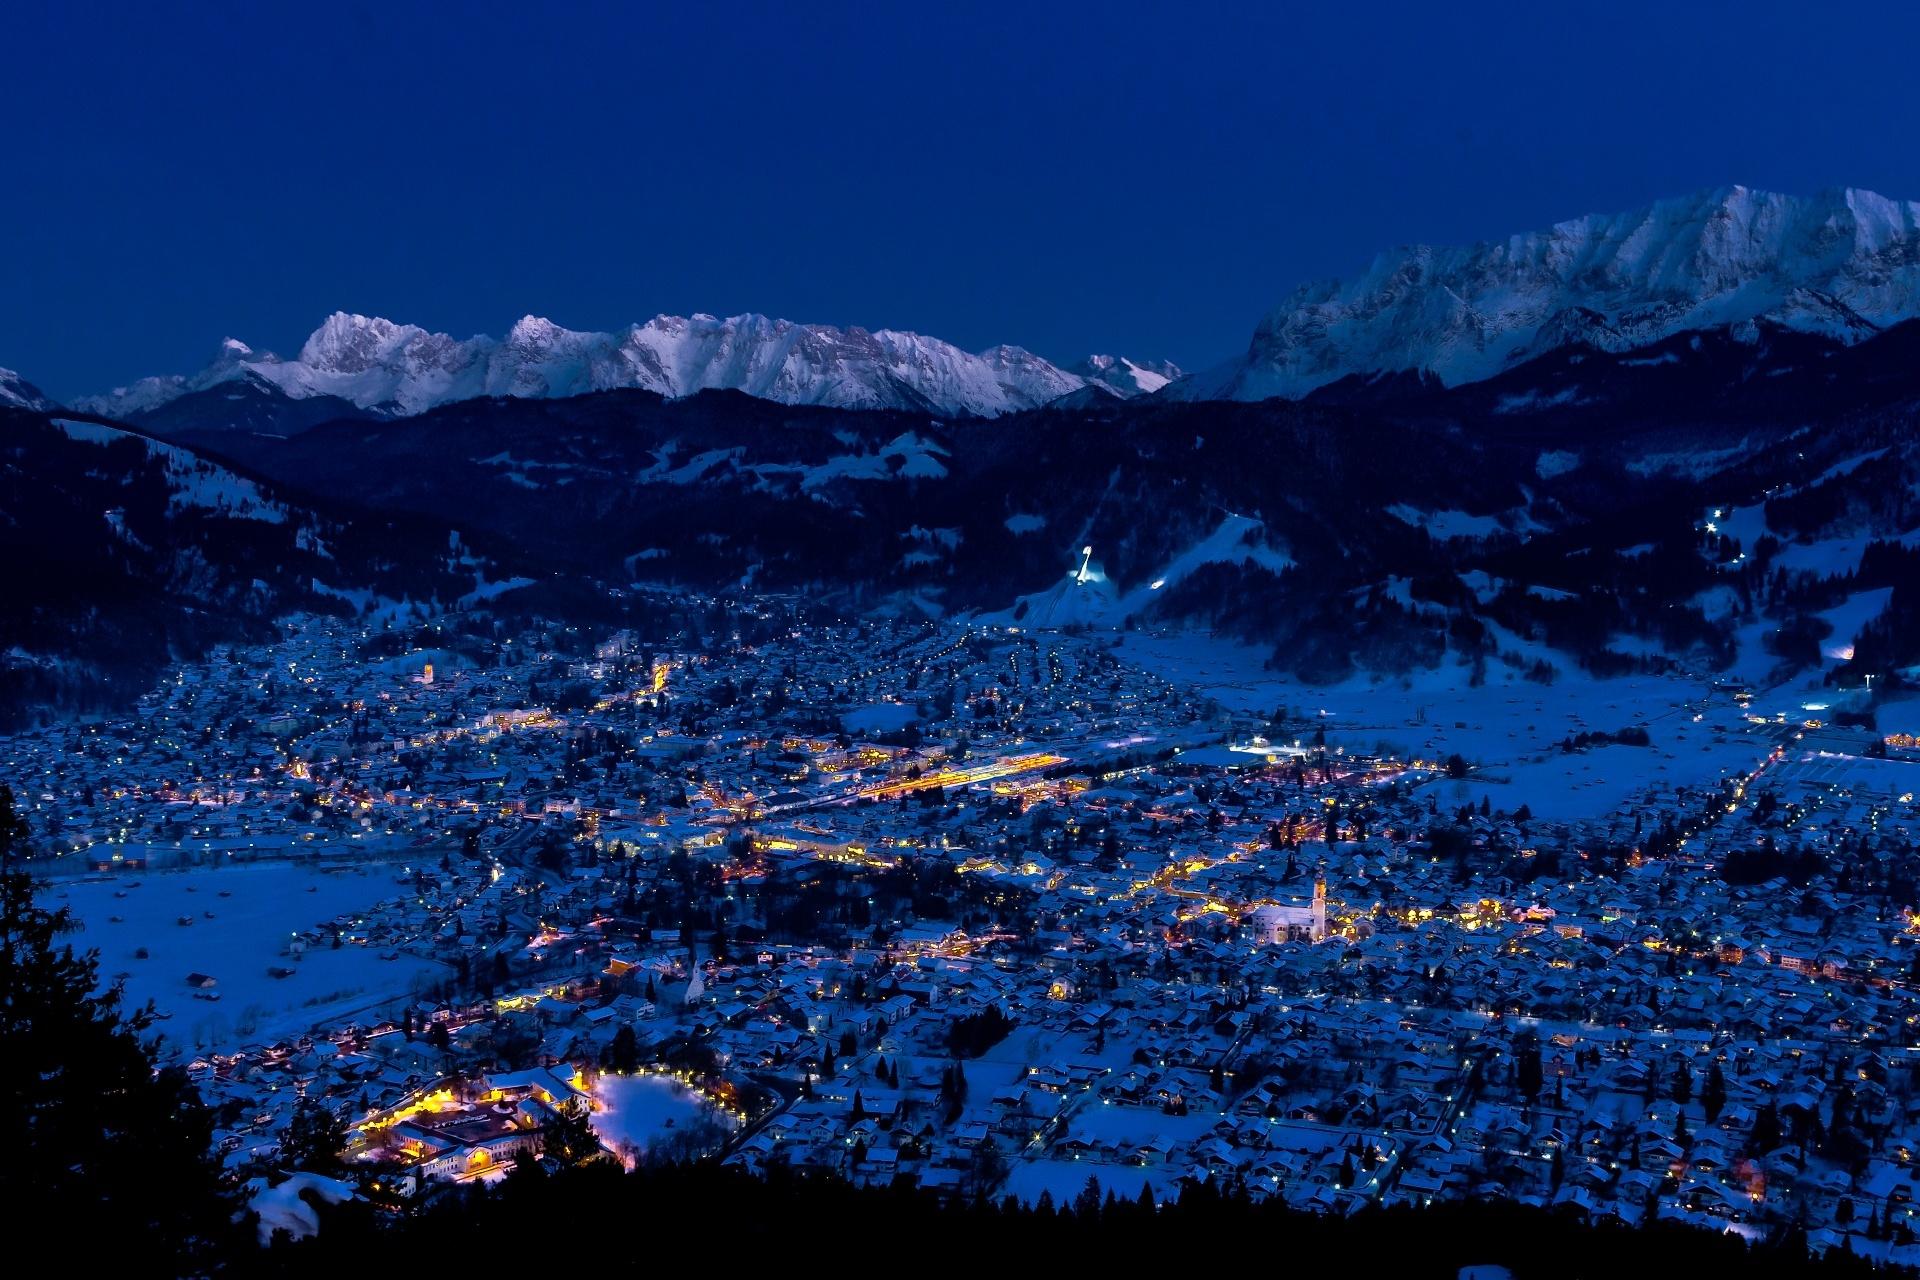 冬の夜のガルミッシュ=パルテンキルヒェンの風景 ドイツの風景